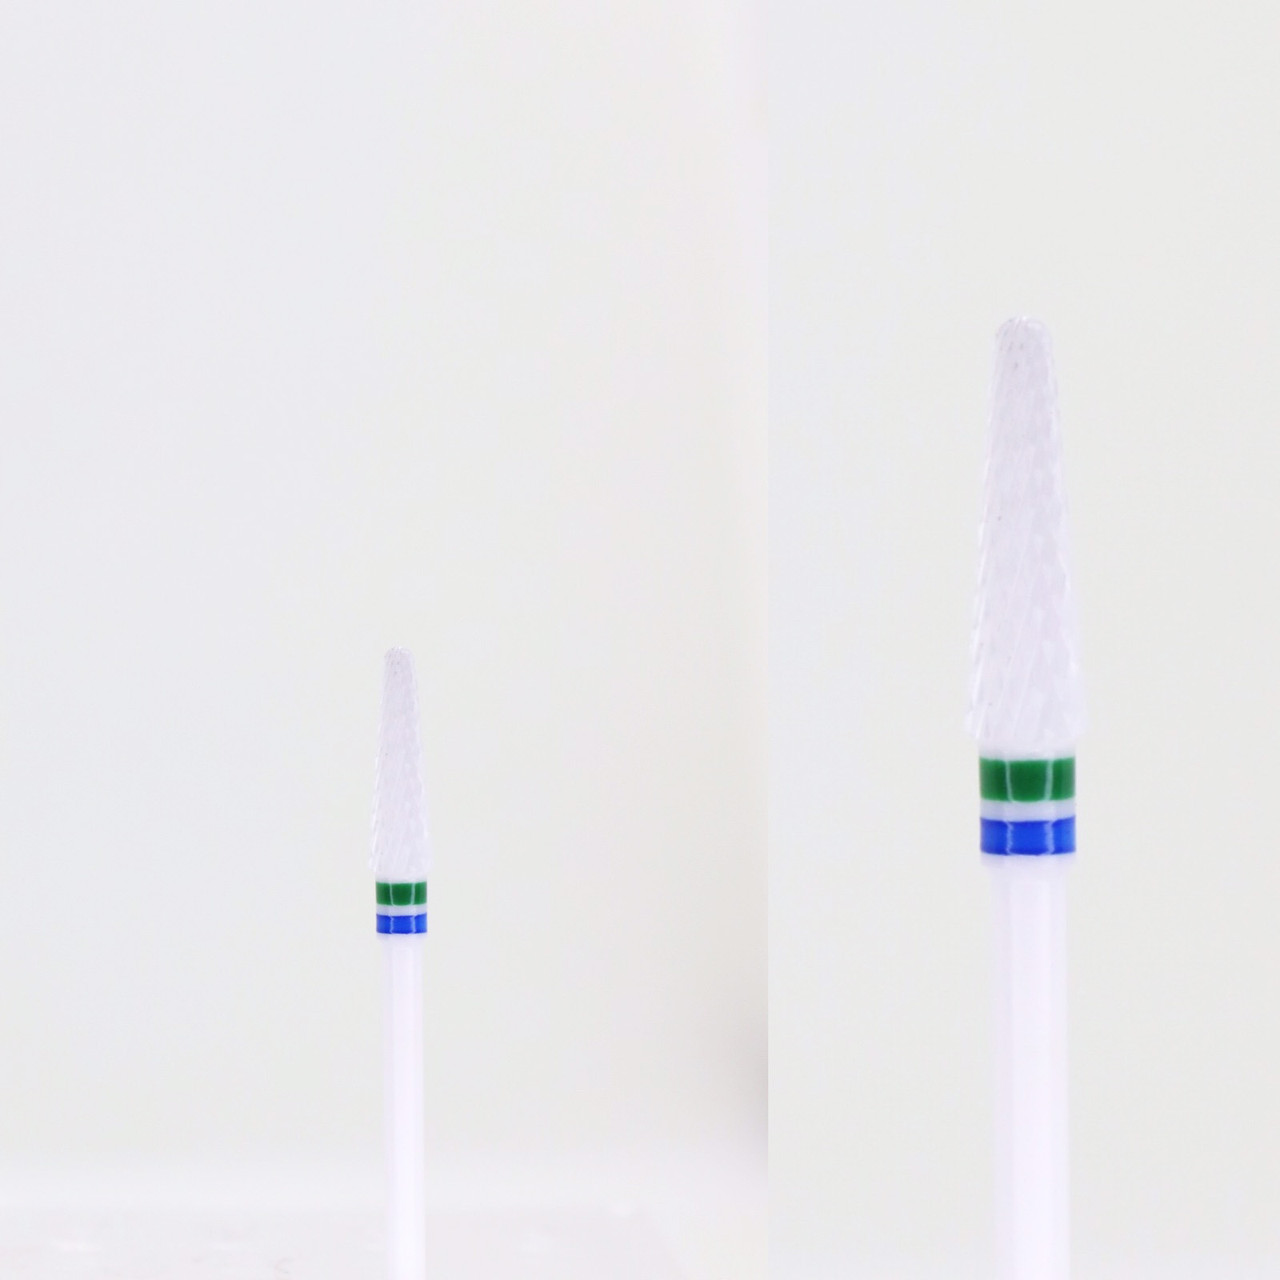 Фреза керамическая закругленный конус синяя и зеленая насечка